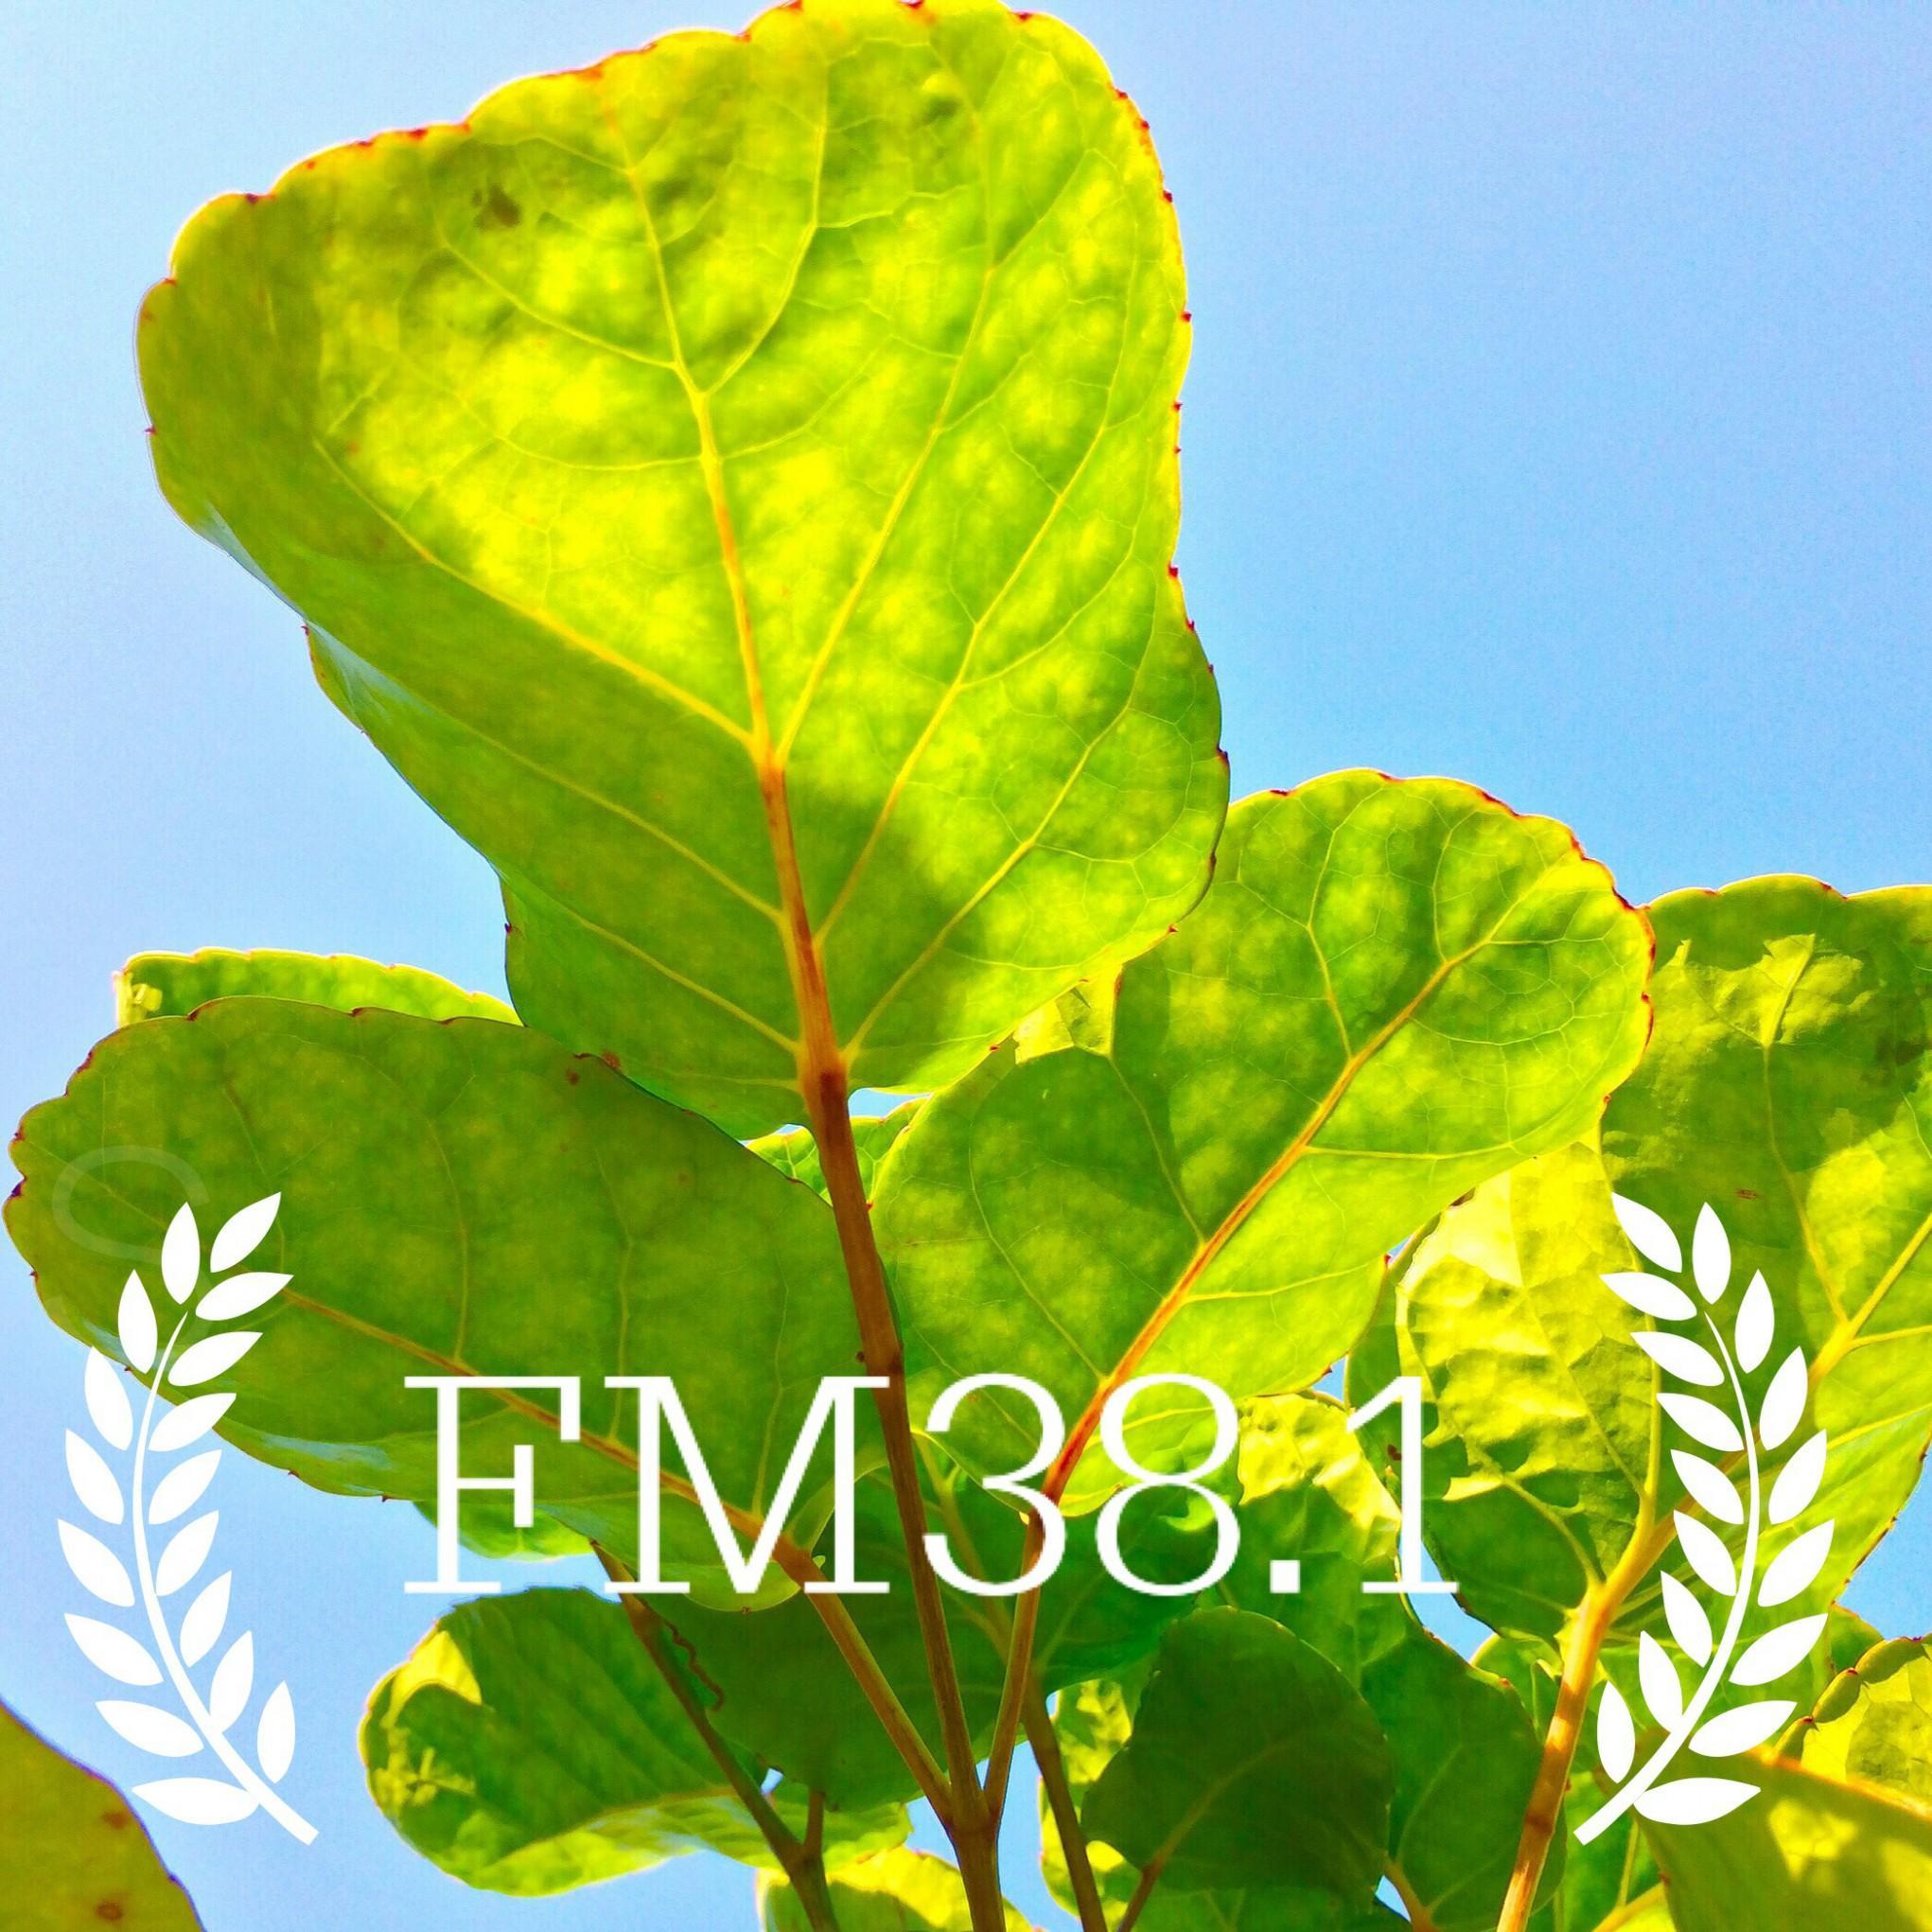 <![CDATA[FM38.1]]>